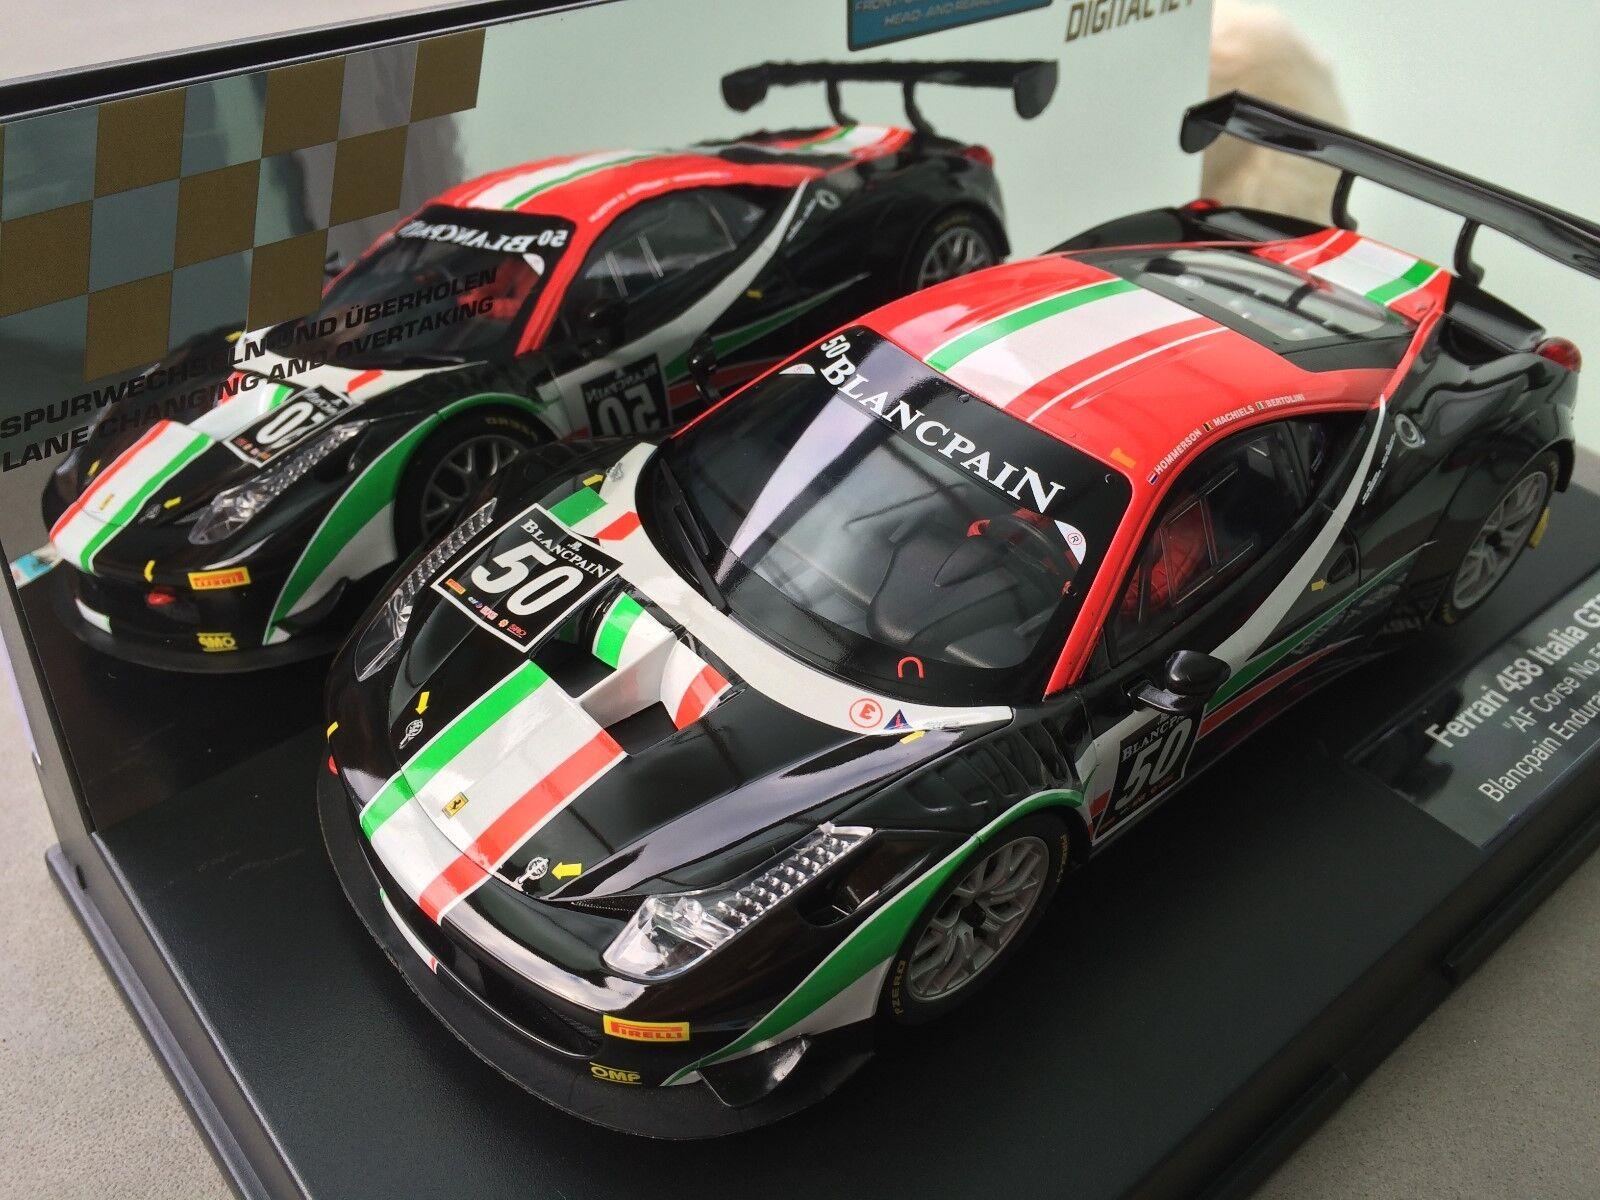 Carrera Digital 124 23805 Ferrari 458 Italia Gt3   Af Corse No. 50 Light New